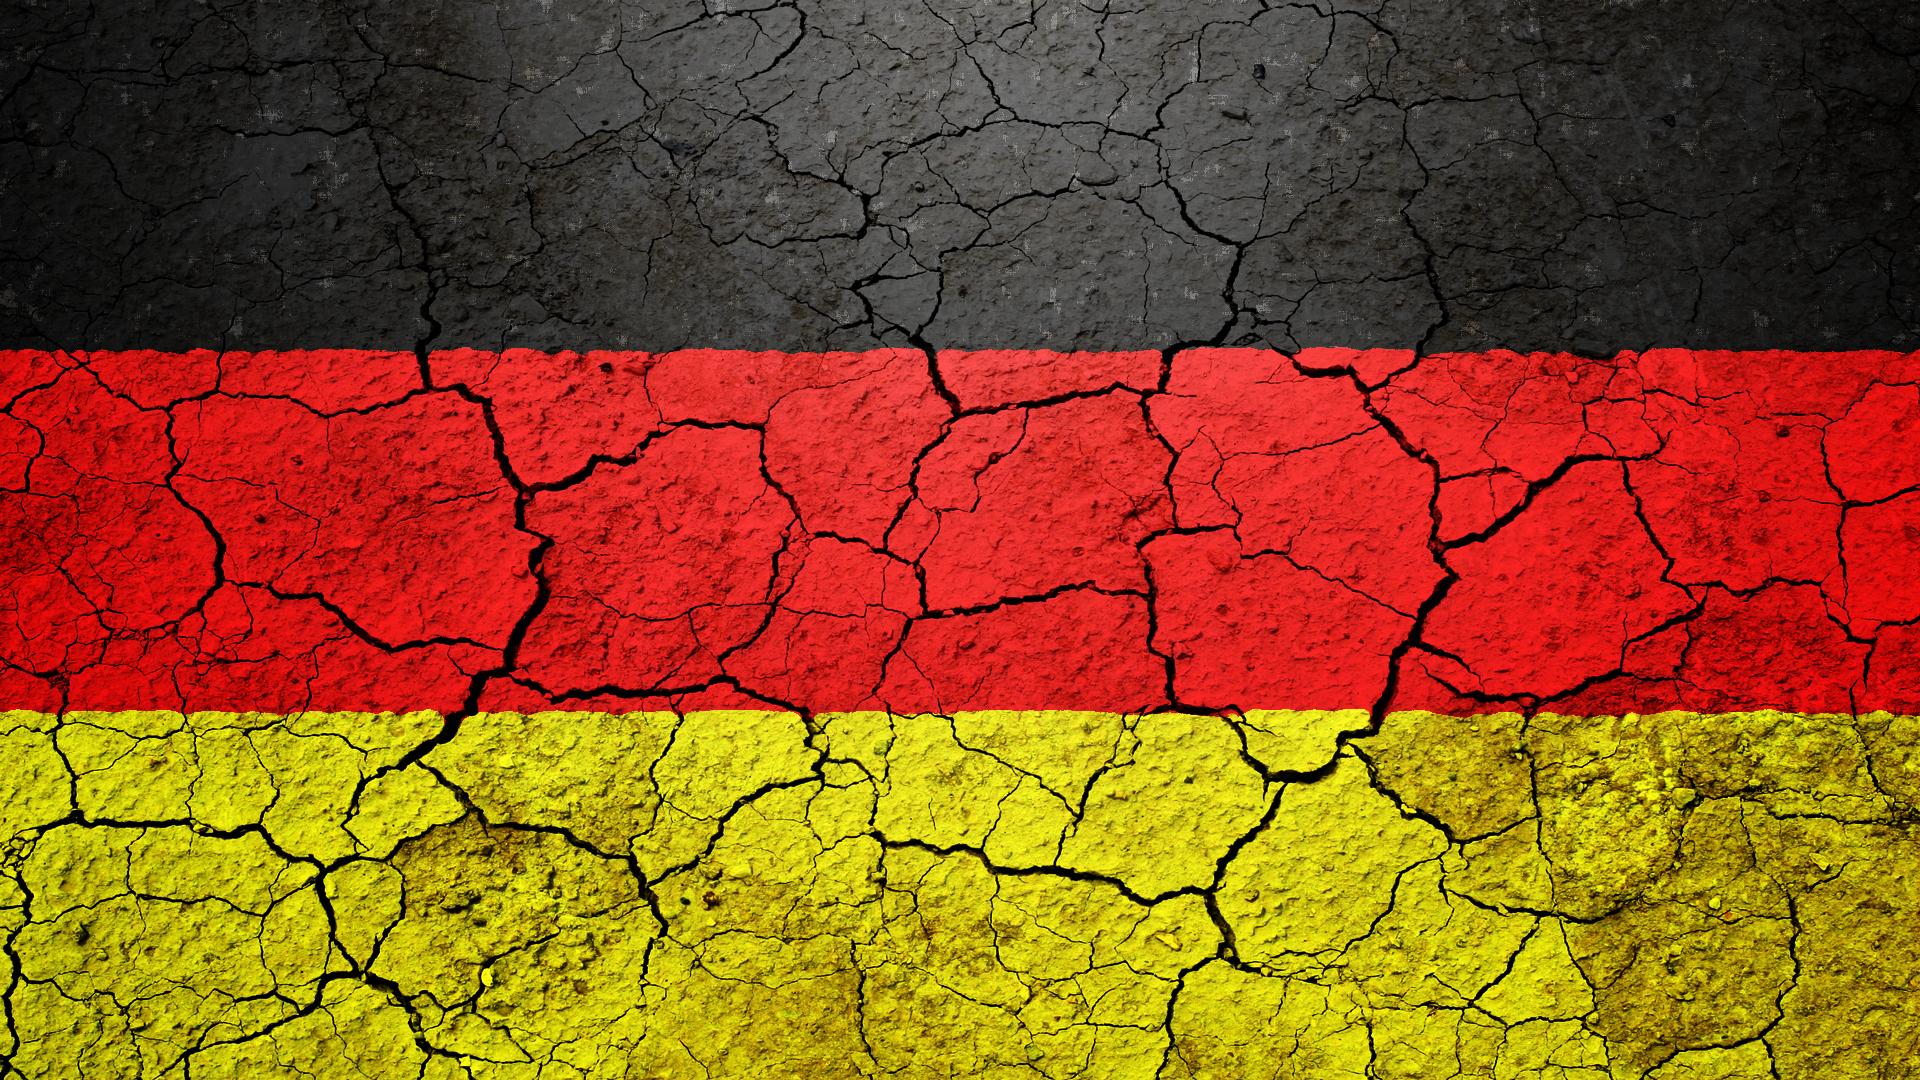 ひび割れたドイツ国旗 ひび割れたドイツ国旗 - 画像素材|ジーソザイ ひび割れたドイツ国旗の画像